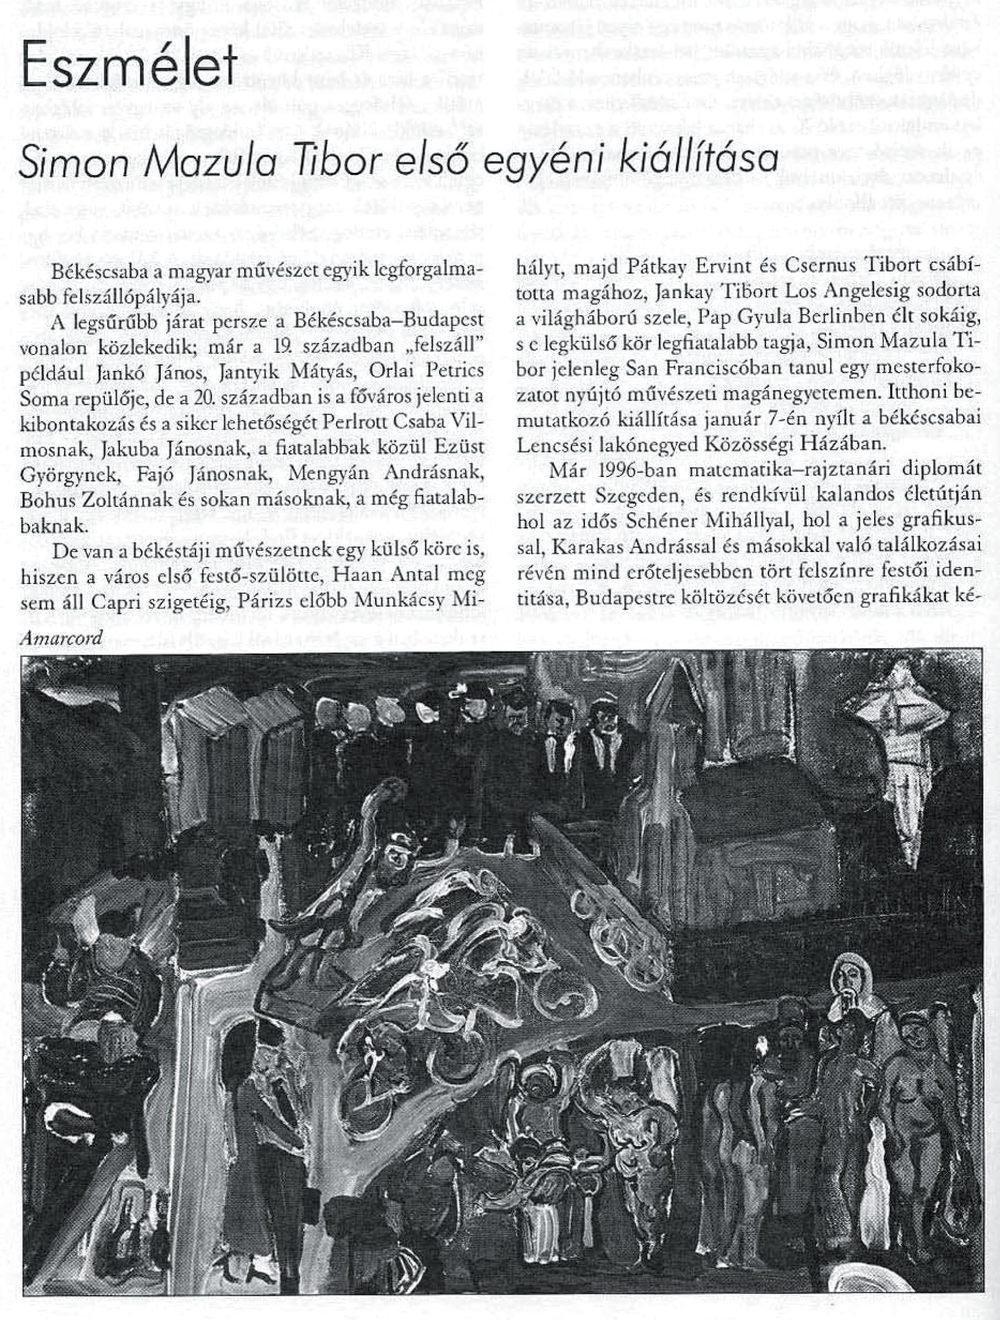 """Zoltán Banner, """"Eszmélet / Consciousness,"""" Bárka-Műhely, January 2011, pp. 90-91, Hungary / TRANSLATED"""